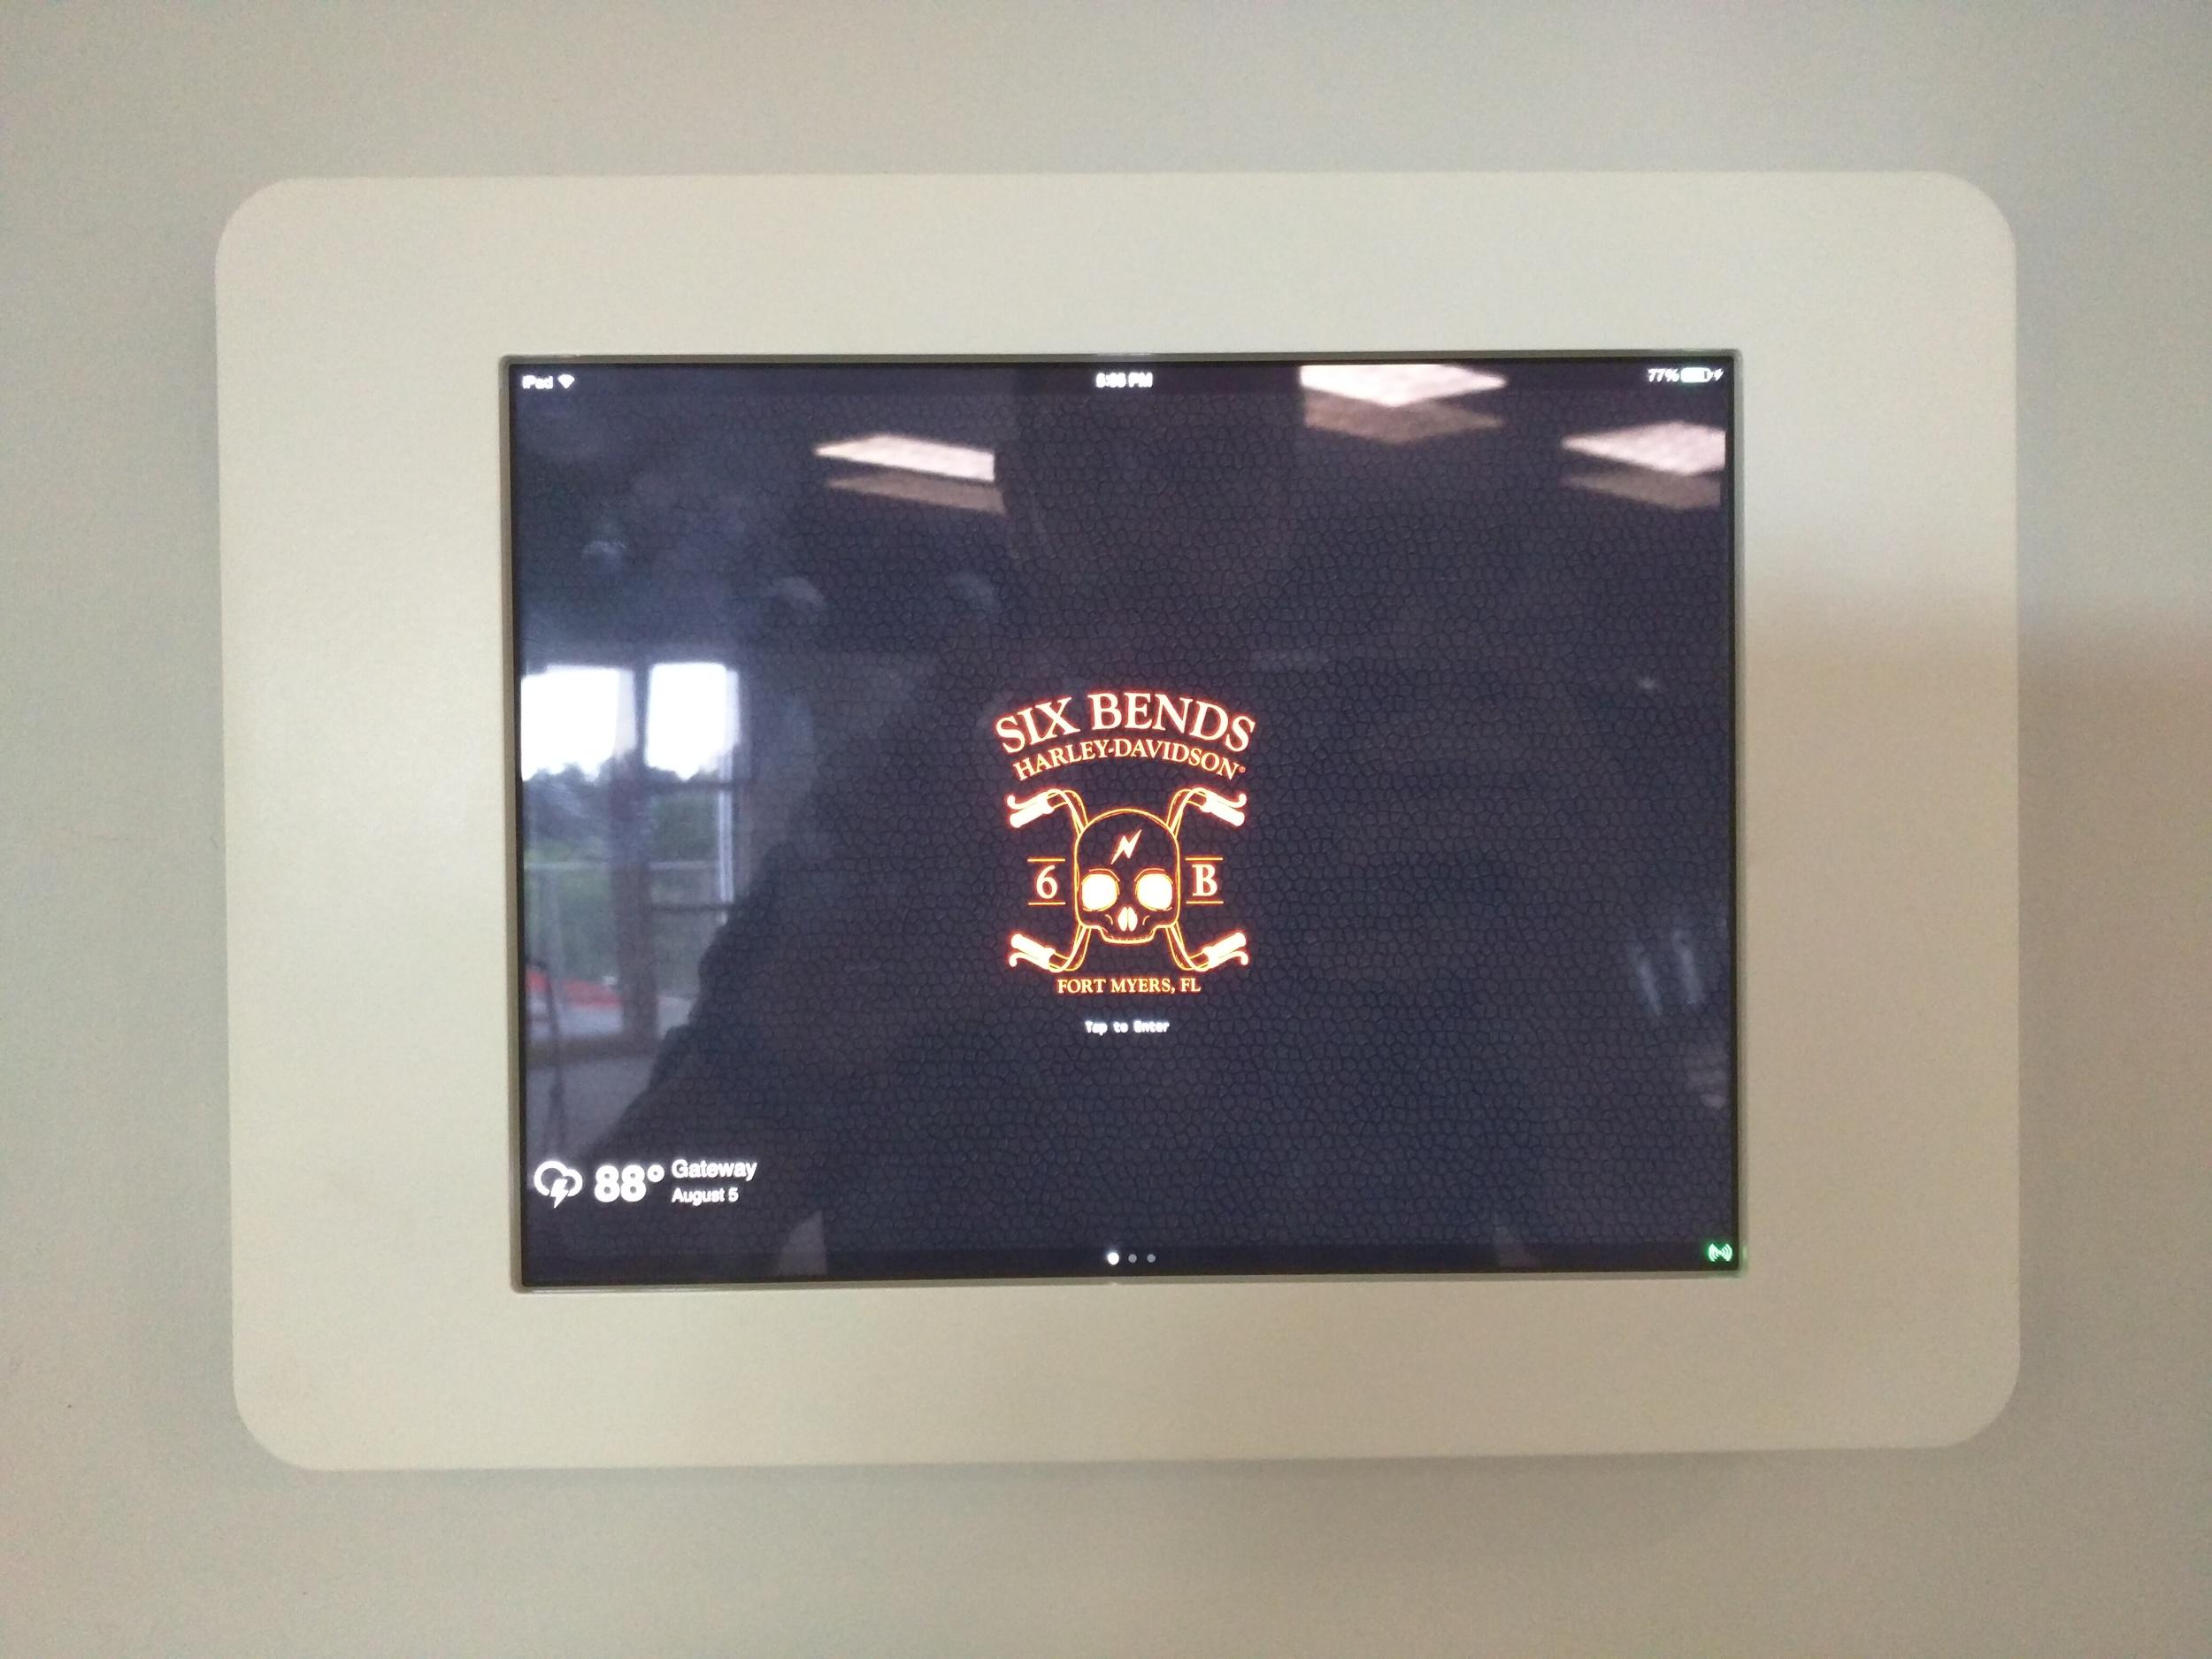 iPad wall Mounted